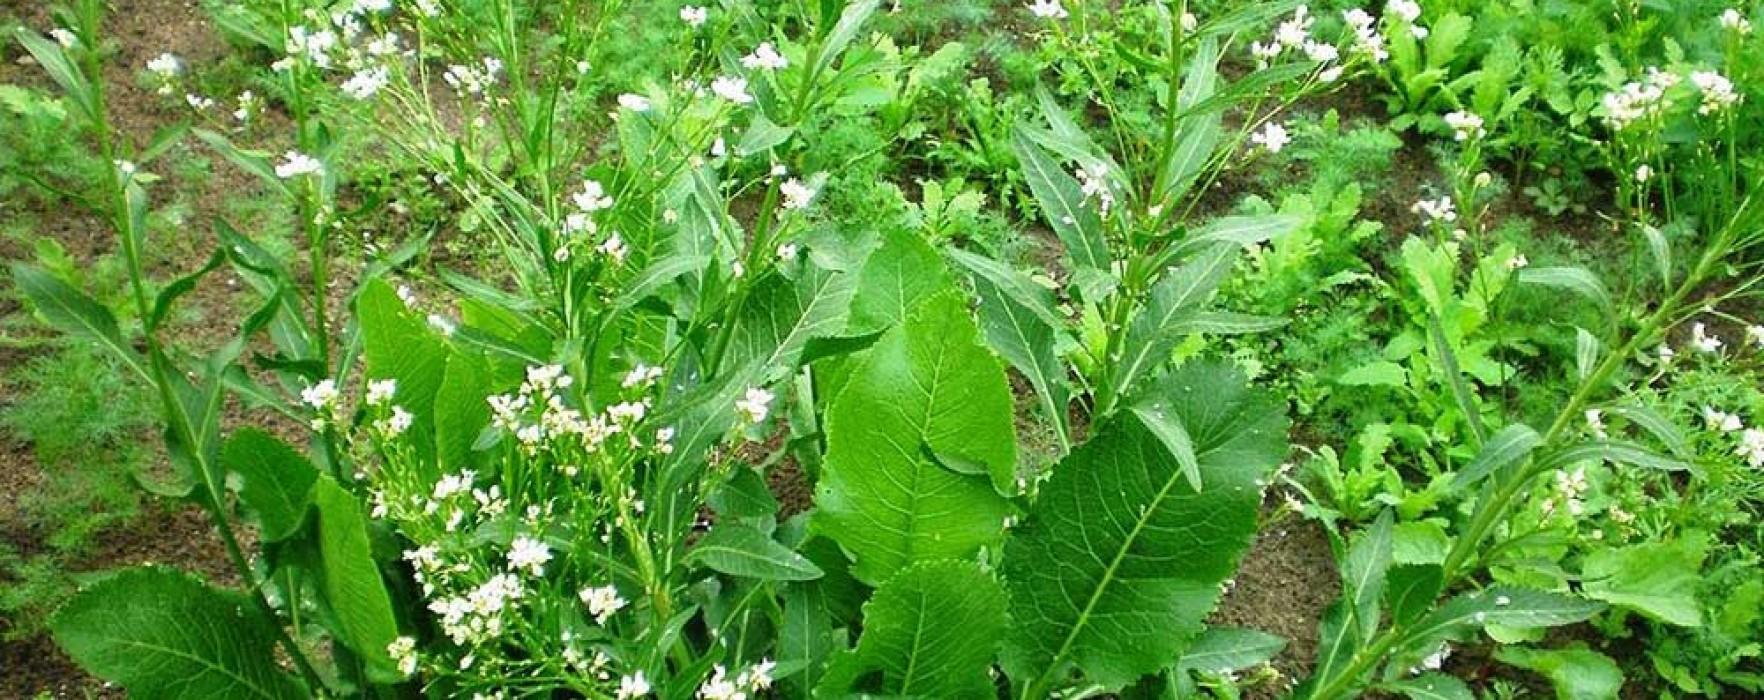 Hreanul, planta sanitar. De ce e bine să o plantezi printre legume sau lângă pomi